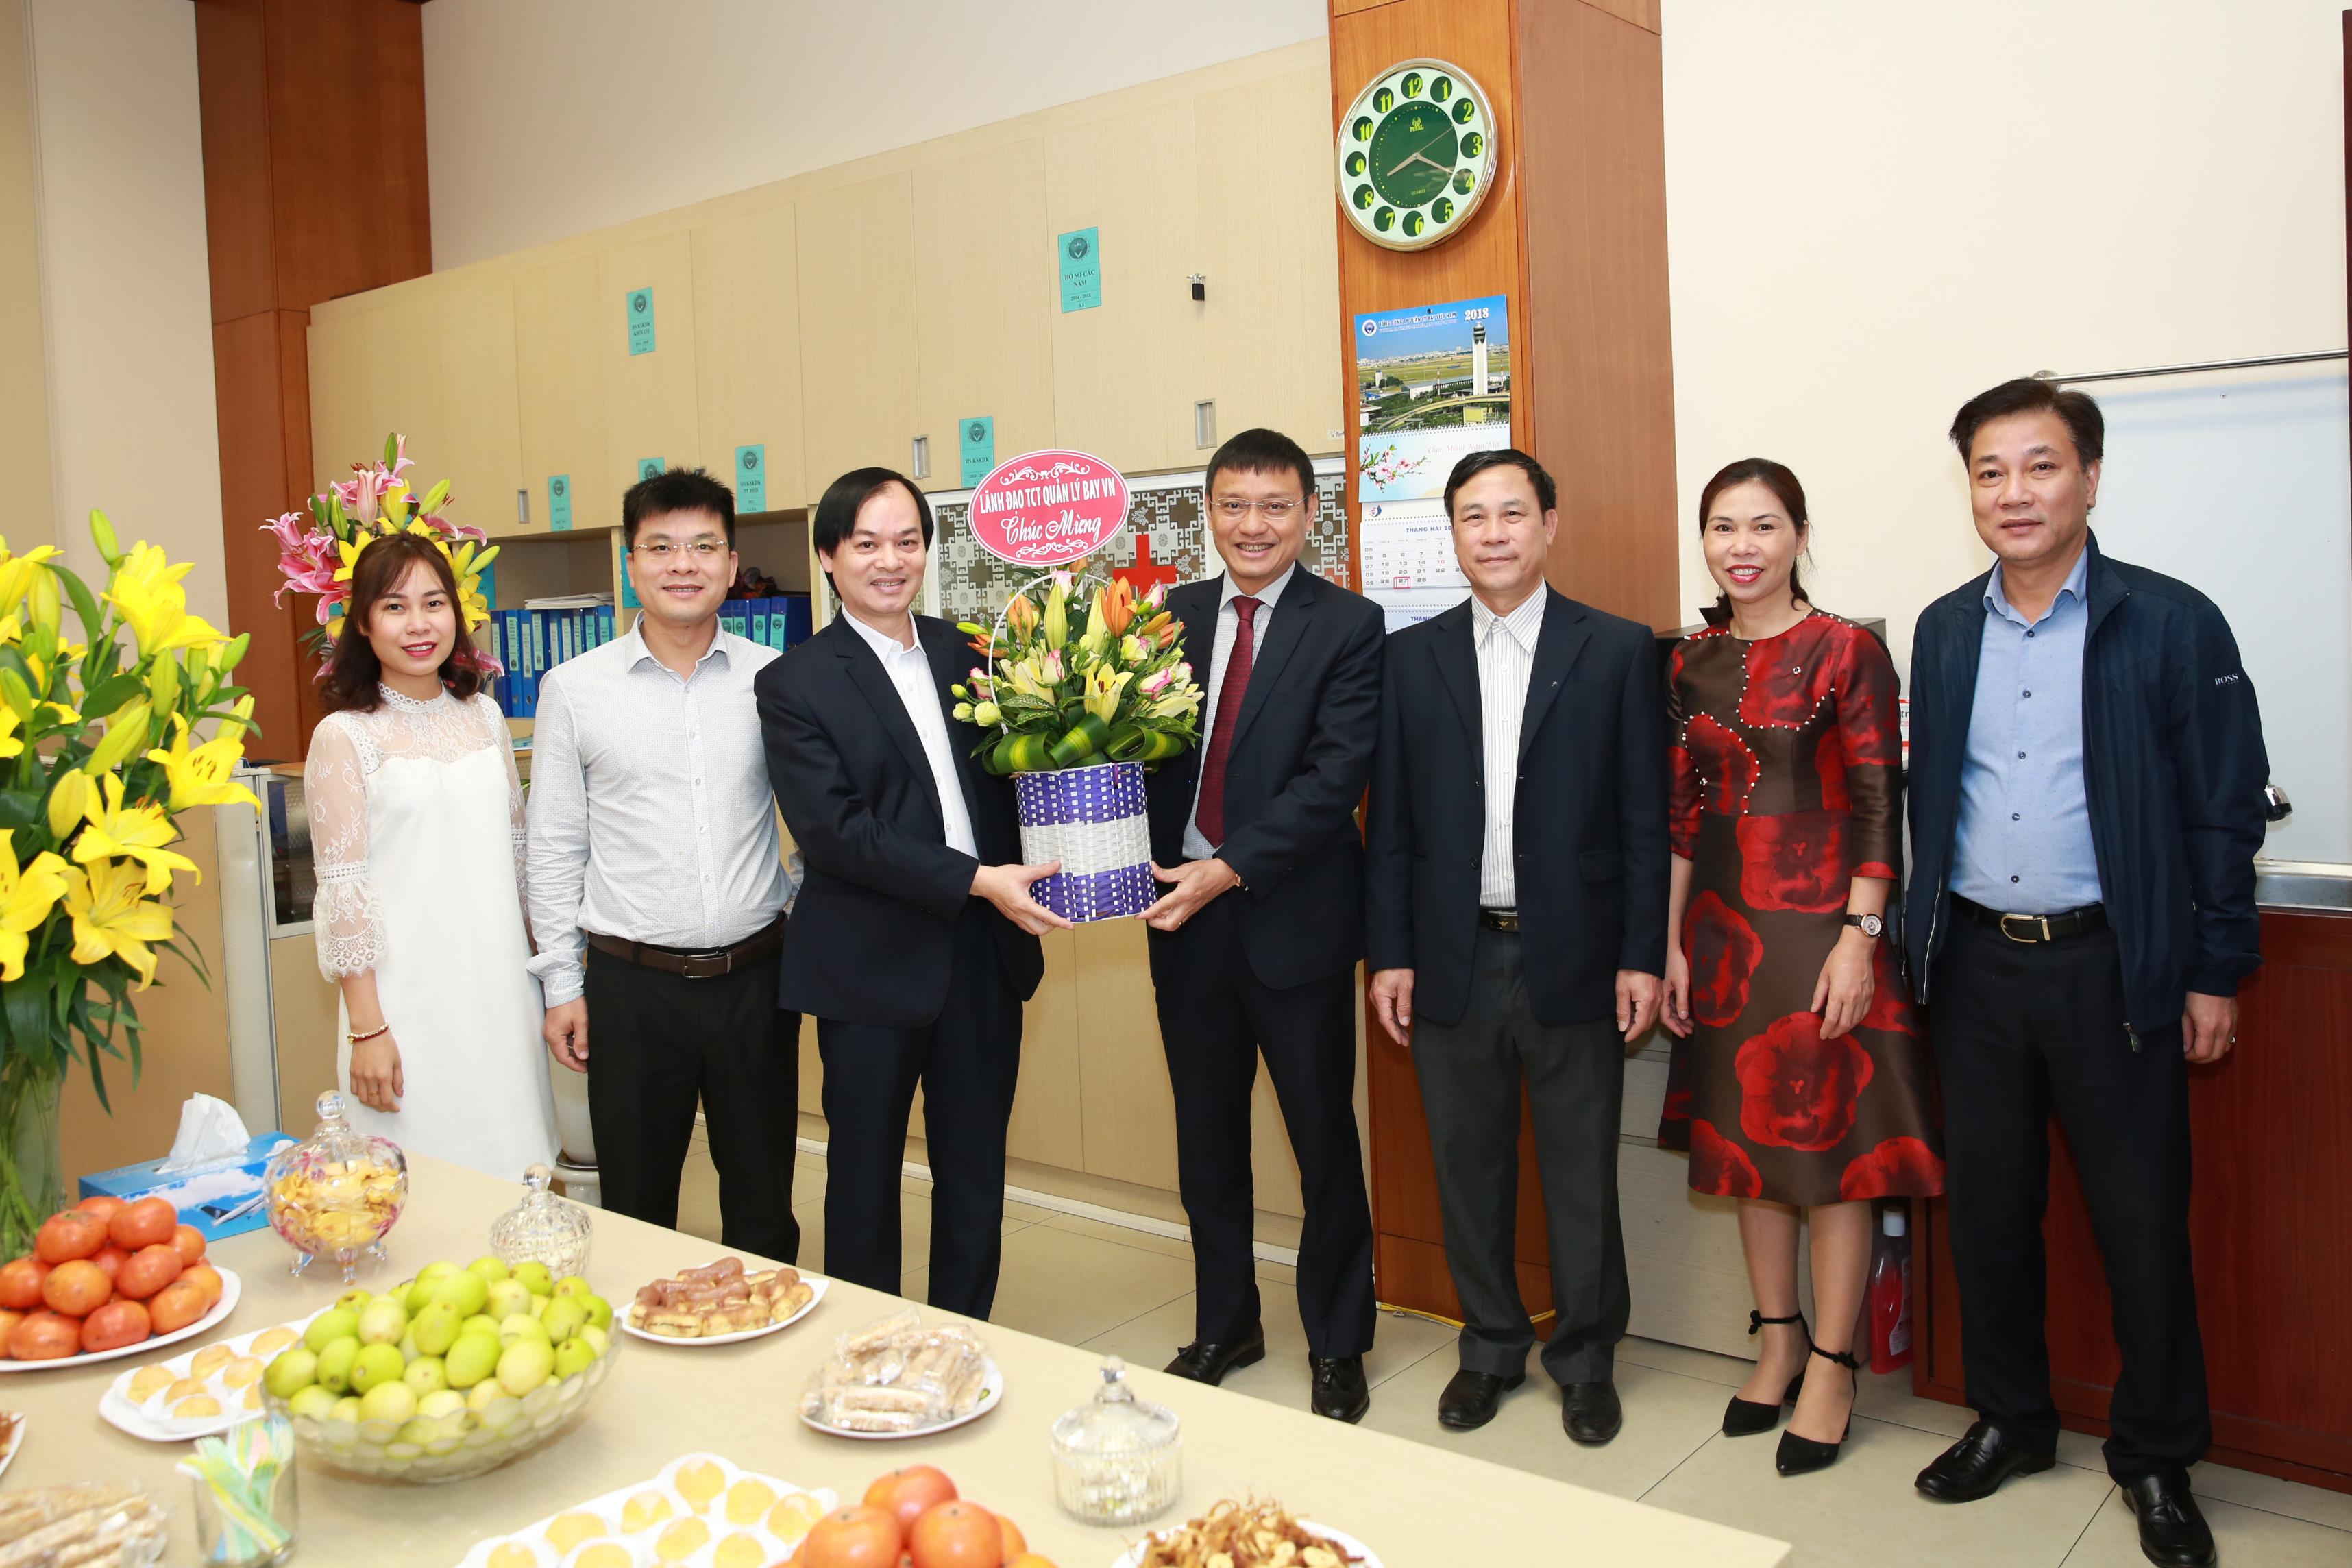 Lãnh đạo VATM tặng hoa chúc mừng ngày Thầy thuốc Việt Nam